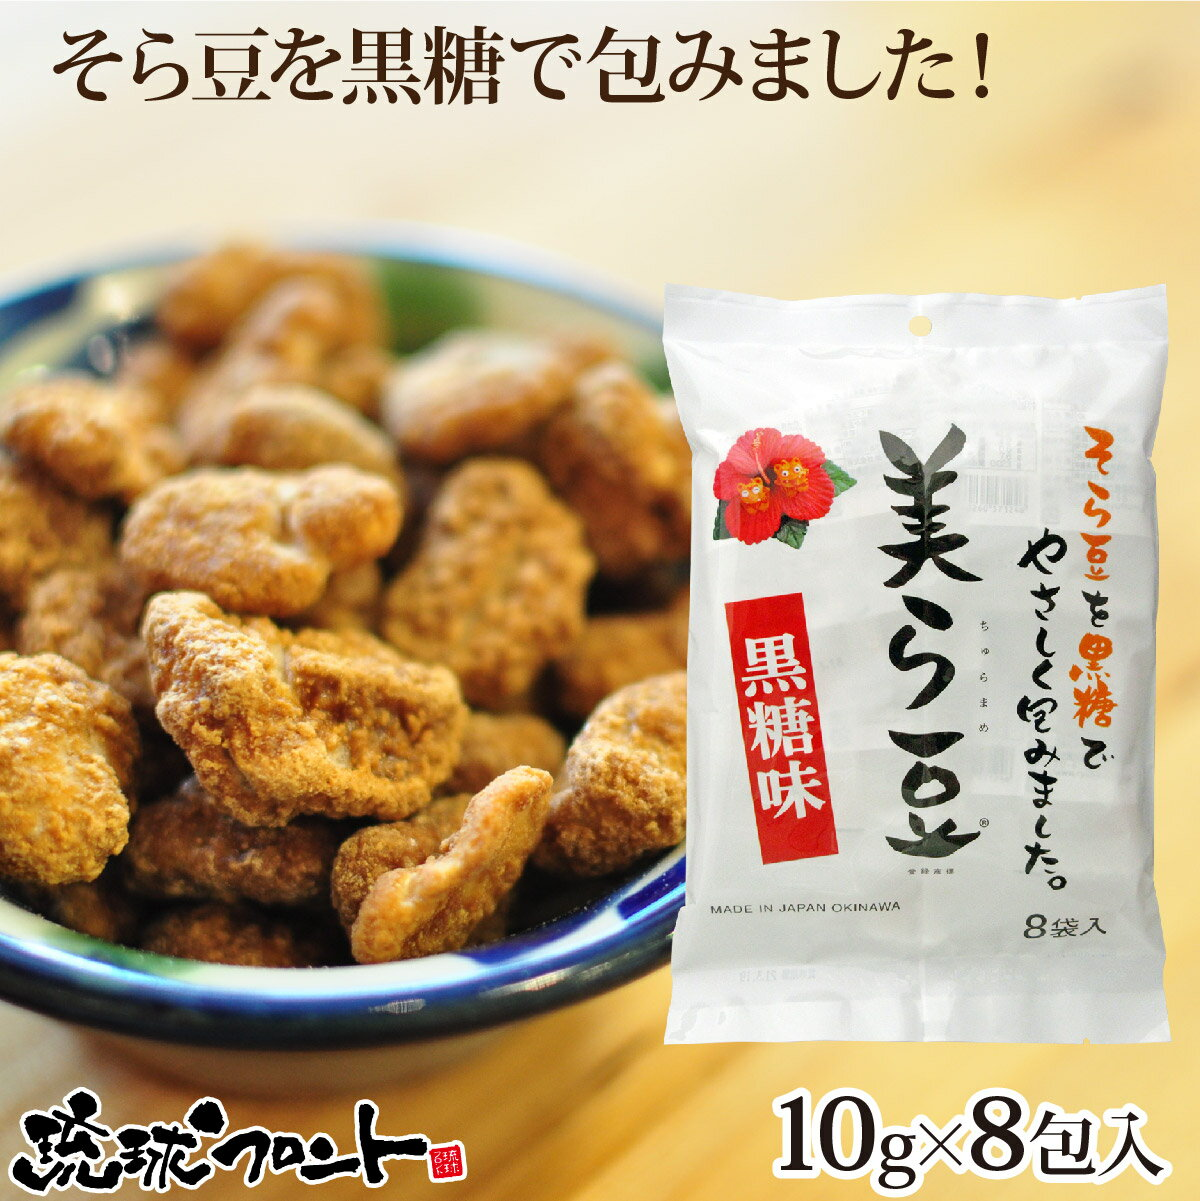 【メーカー直売】 美ら豆(ちゅらまめ・黒糖そら豆)(10gx8入) 沖縄土産